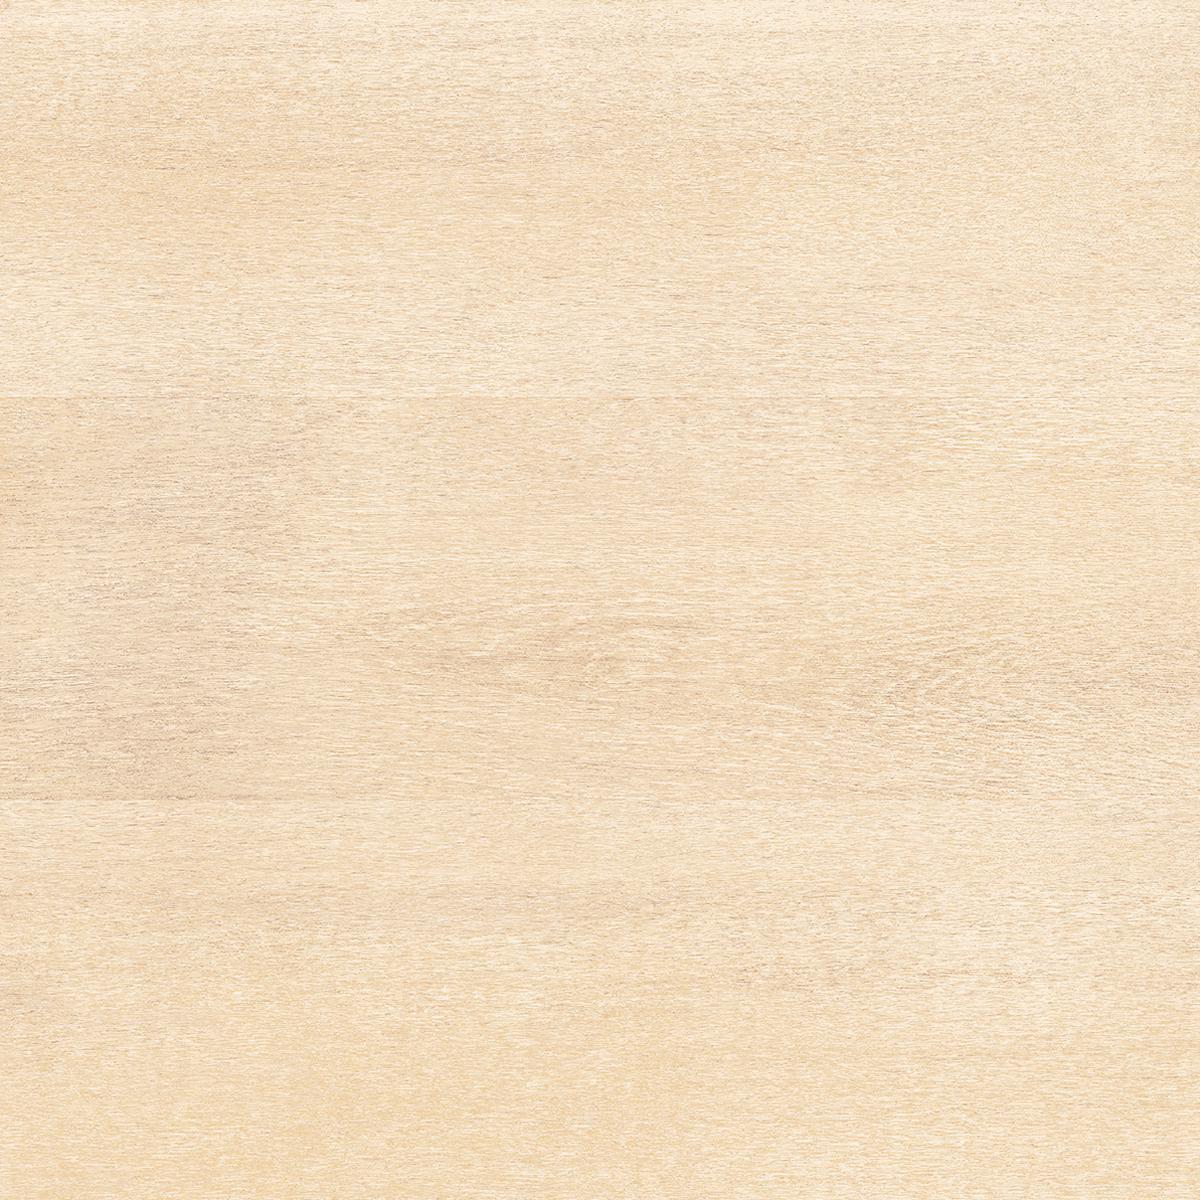 Piso LaminadoII Beige Brillante - 60X60 cm - 1.80 m2